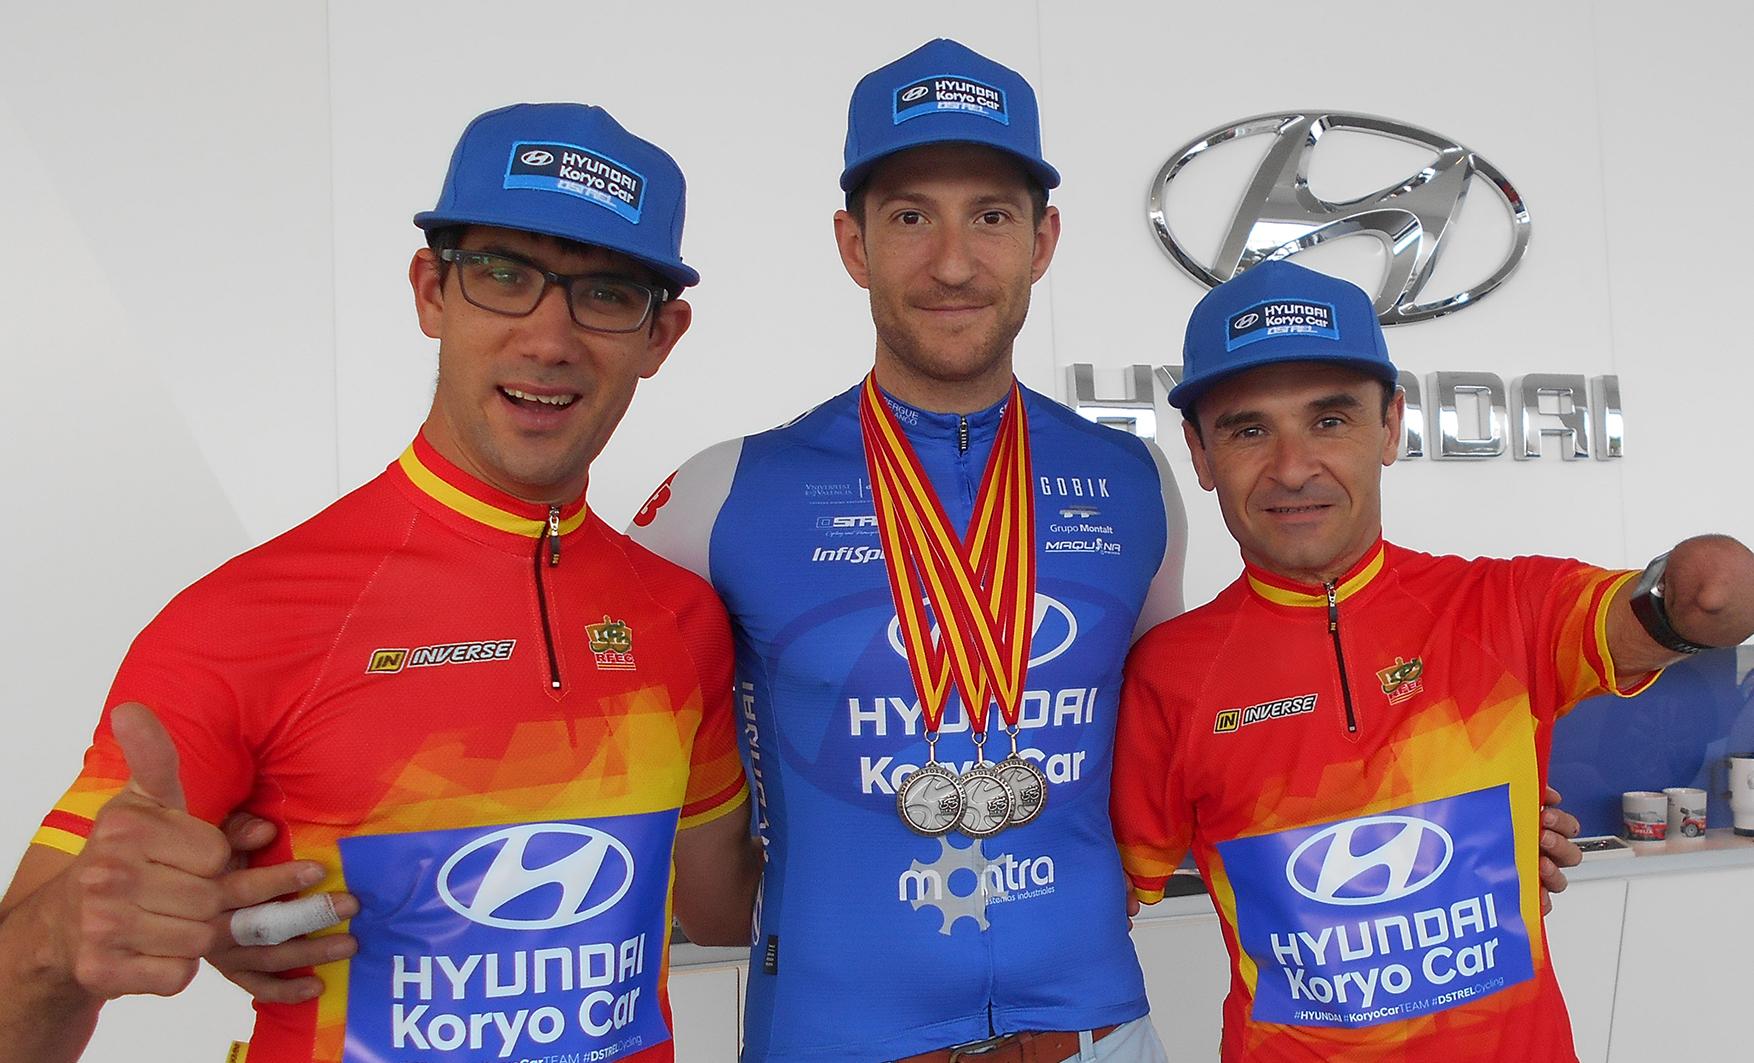 Grandes expectativas en el Campeonato de España de ciclismo adaptado en el Hyundai Koryo Car.